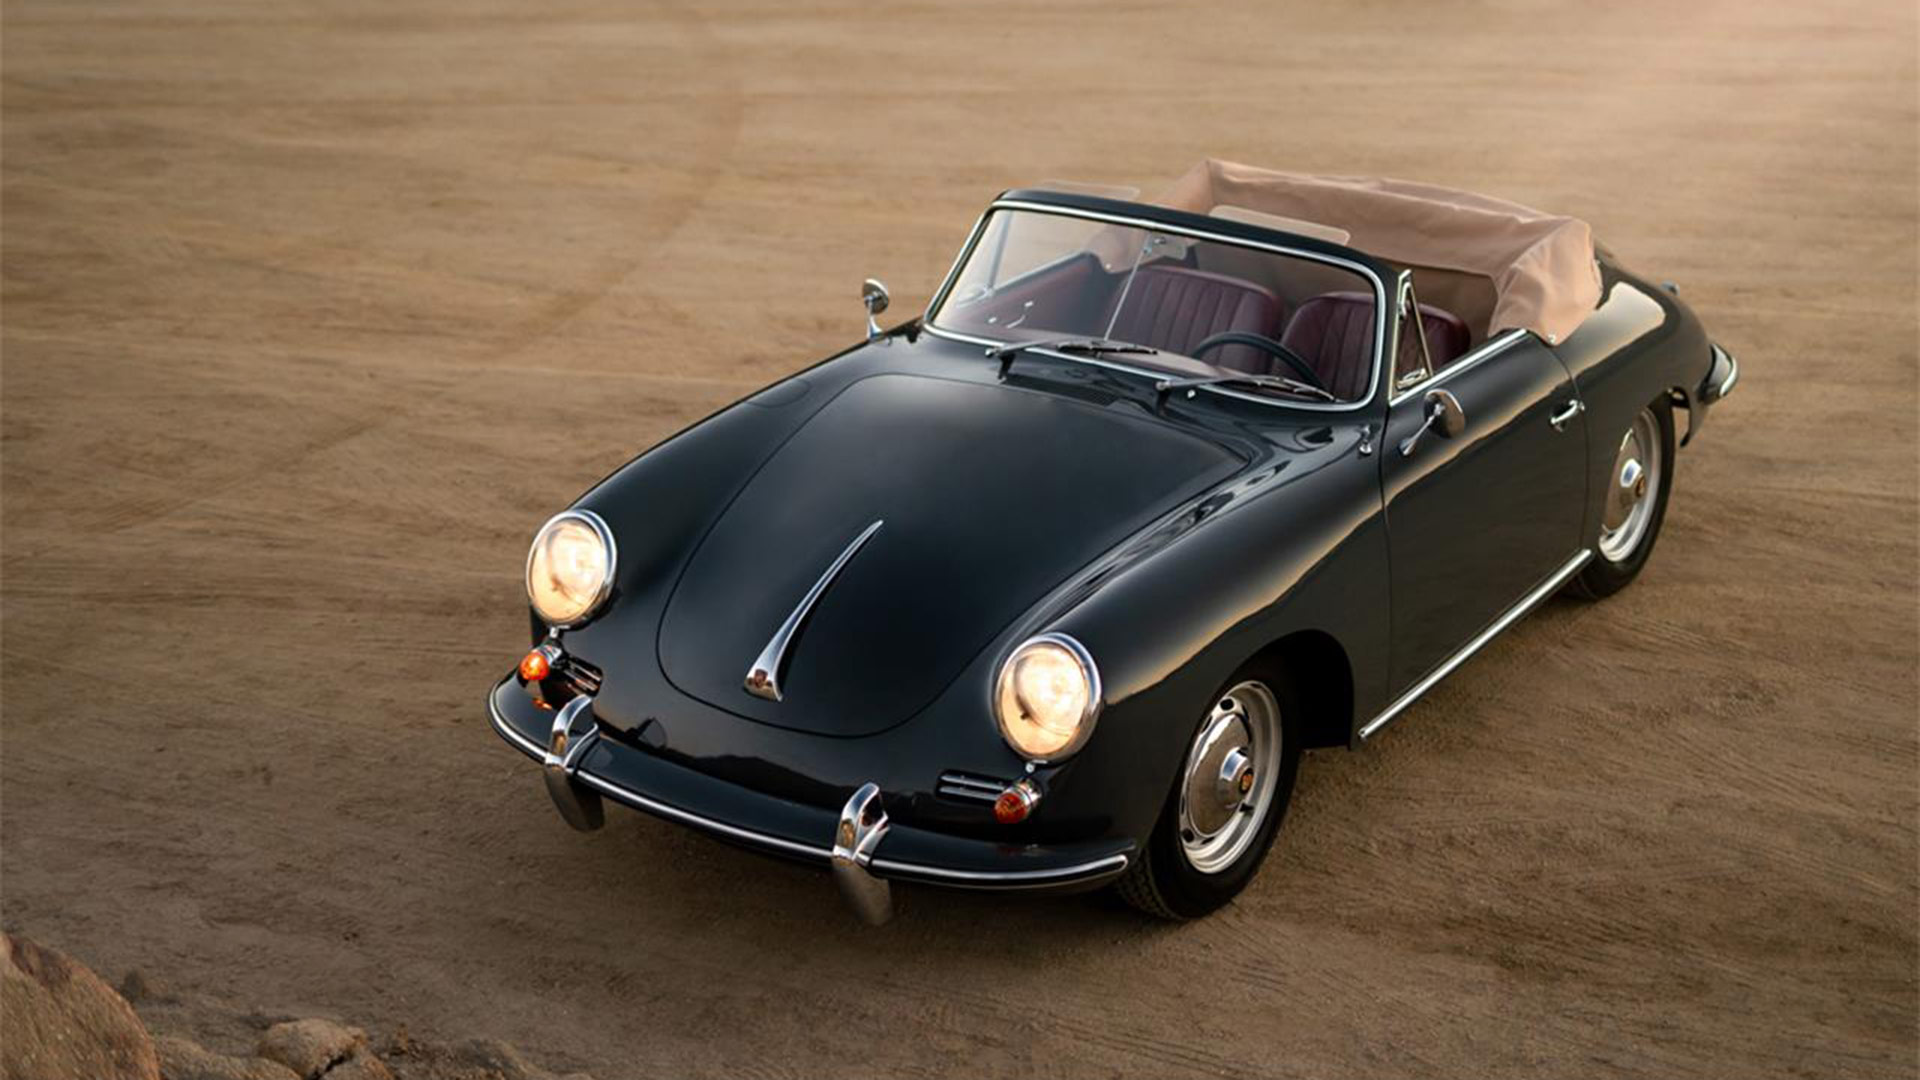 1963 Porsche 356 B Cabriolet